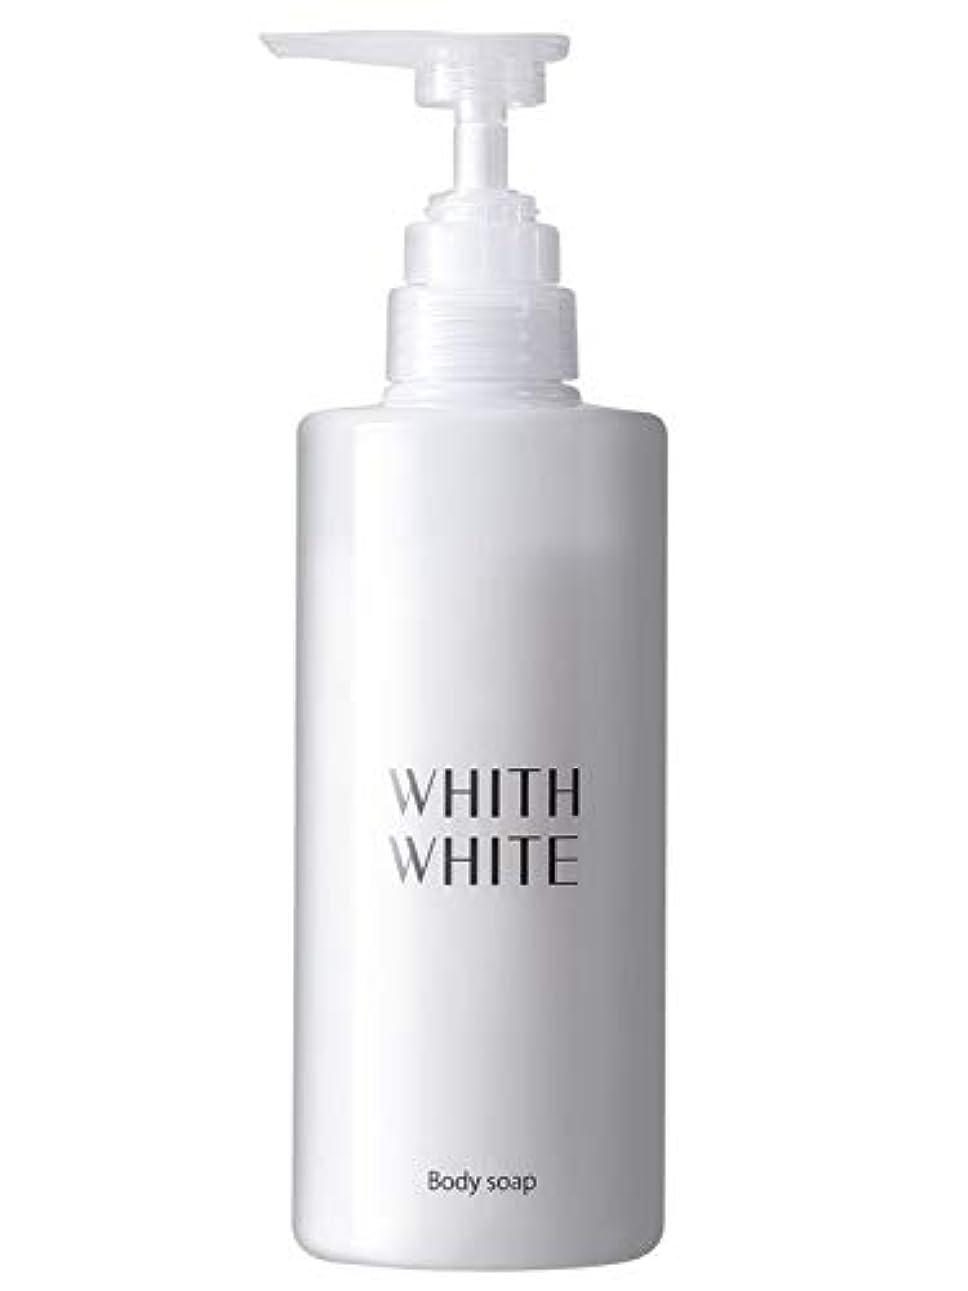 グリット比類のない献身フィス ホワイト ボディソープ 【 エレガントフローラルのいい香り 】 無添加 保湿 ボディーソープ 「 泡で黒ずみ さっぱり ボディシャンプー 」「 ヒアルロン酸 コラーゲン セラミド 配合」450ml